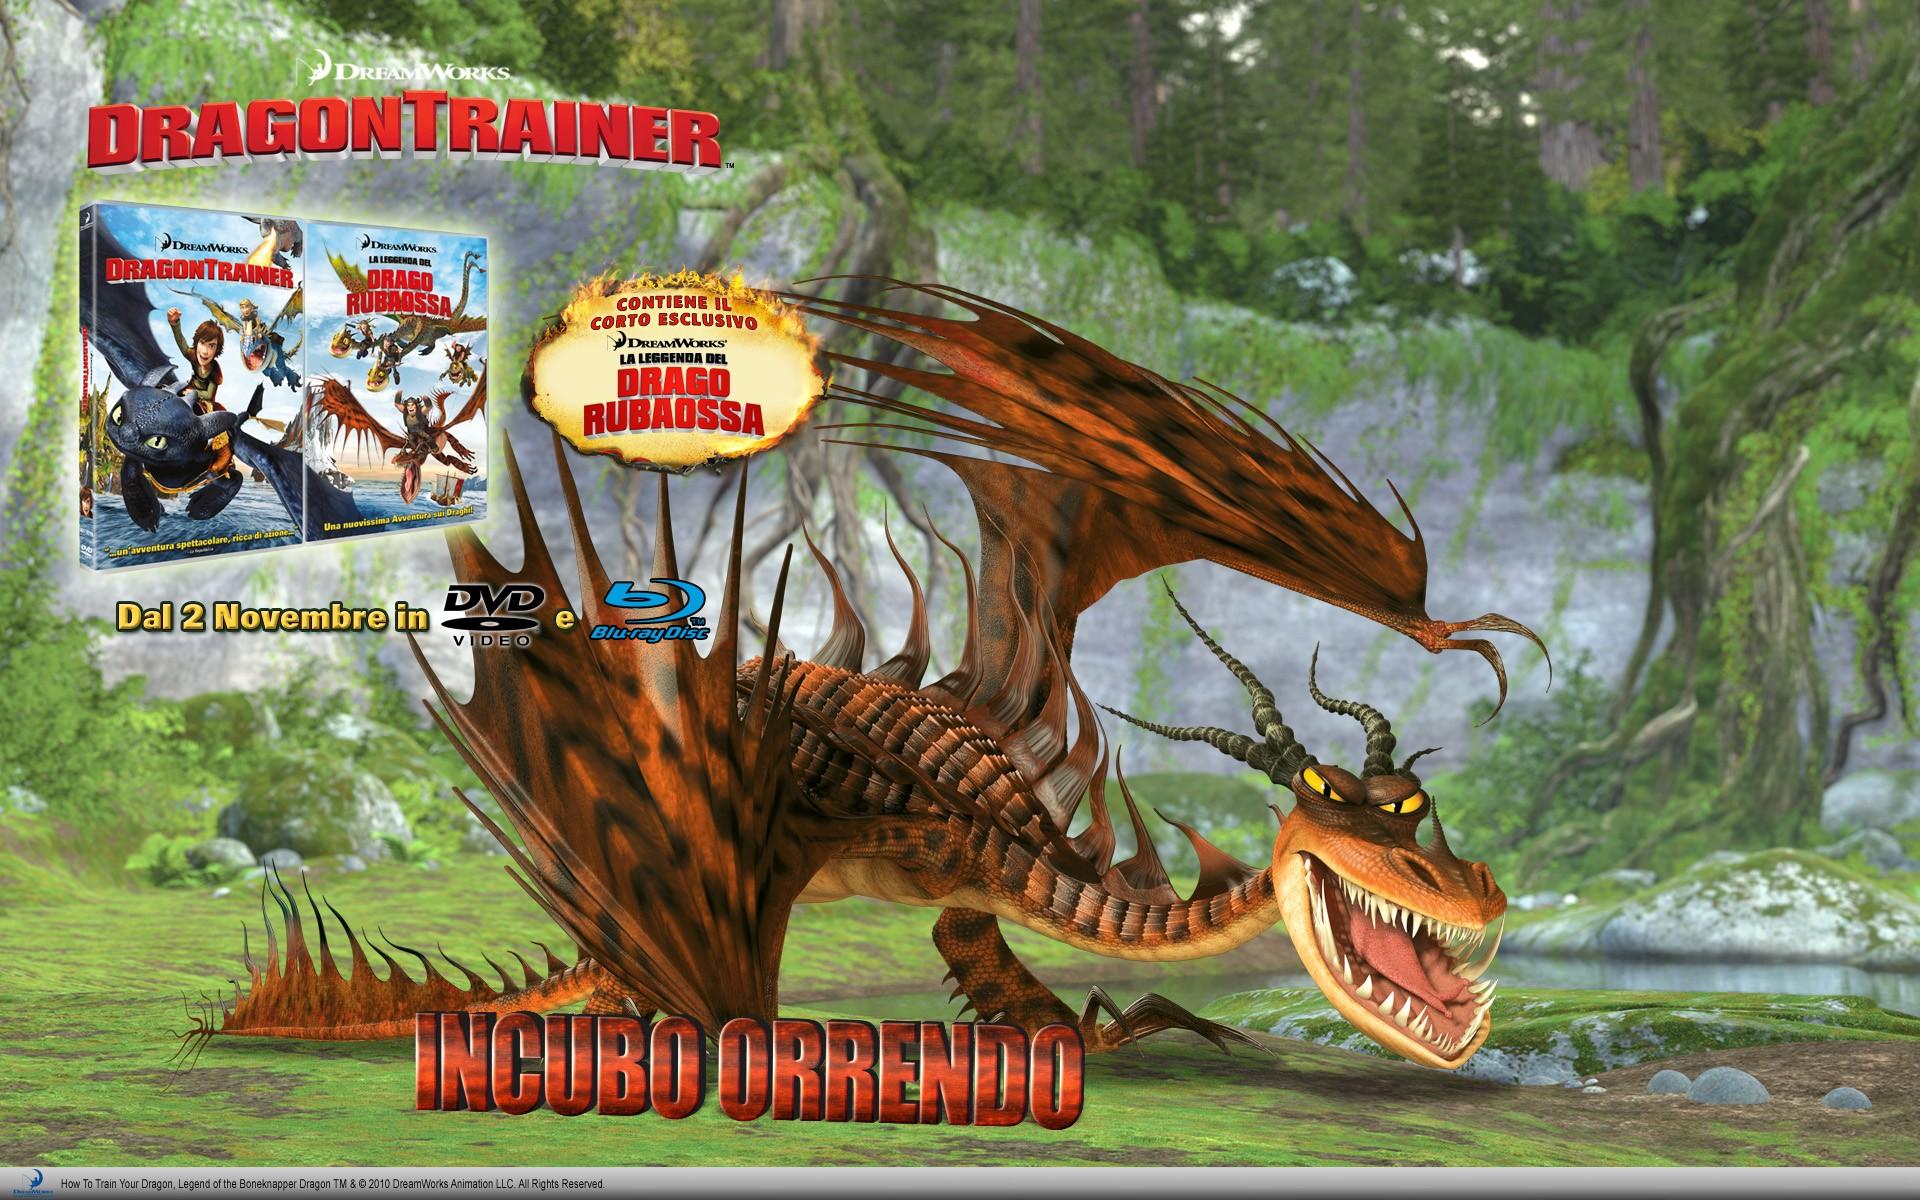 Un wallpaper dedicato all'uscita in DVD e Blu-Ray di Dragon Trainer, prevista il 2 Novembre 2010